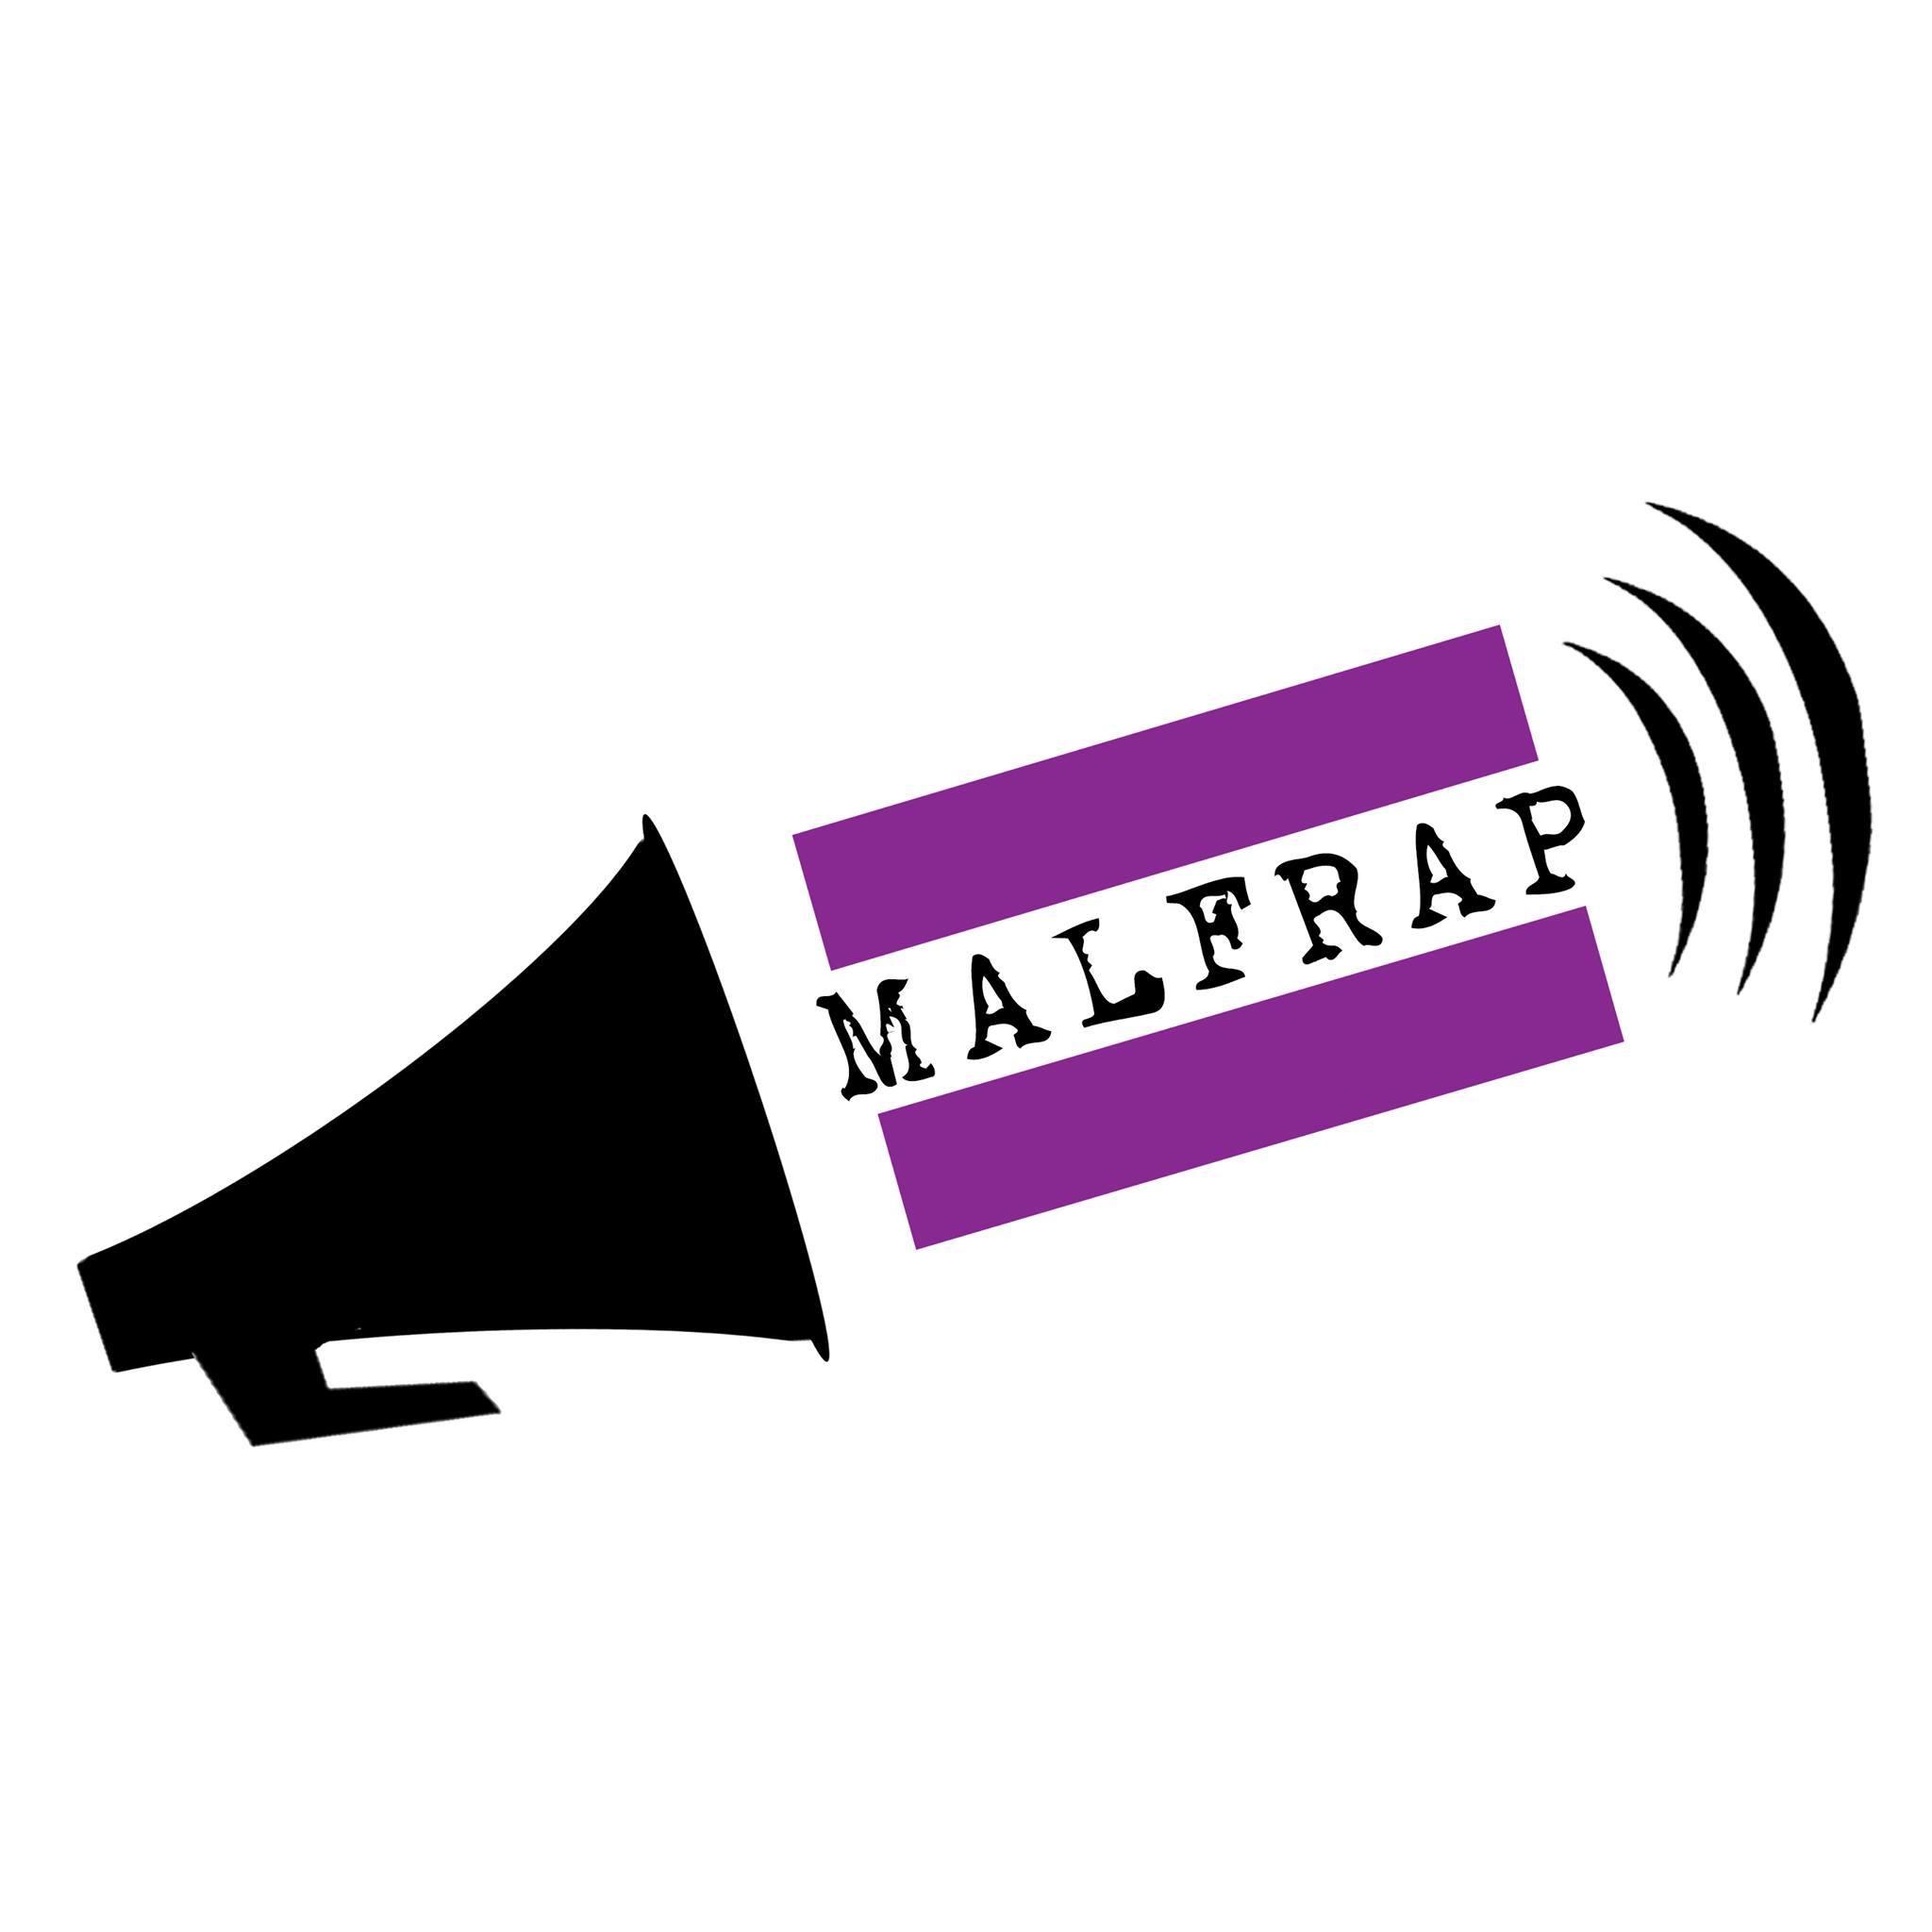 MALFRAP